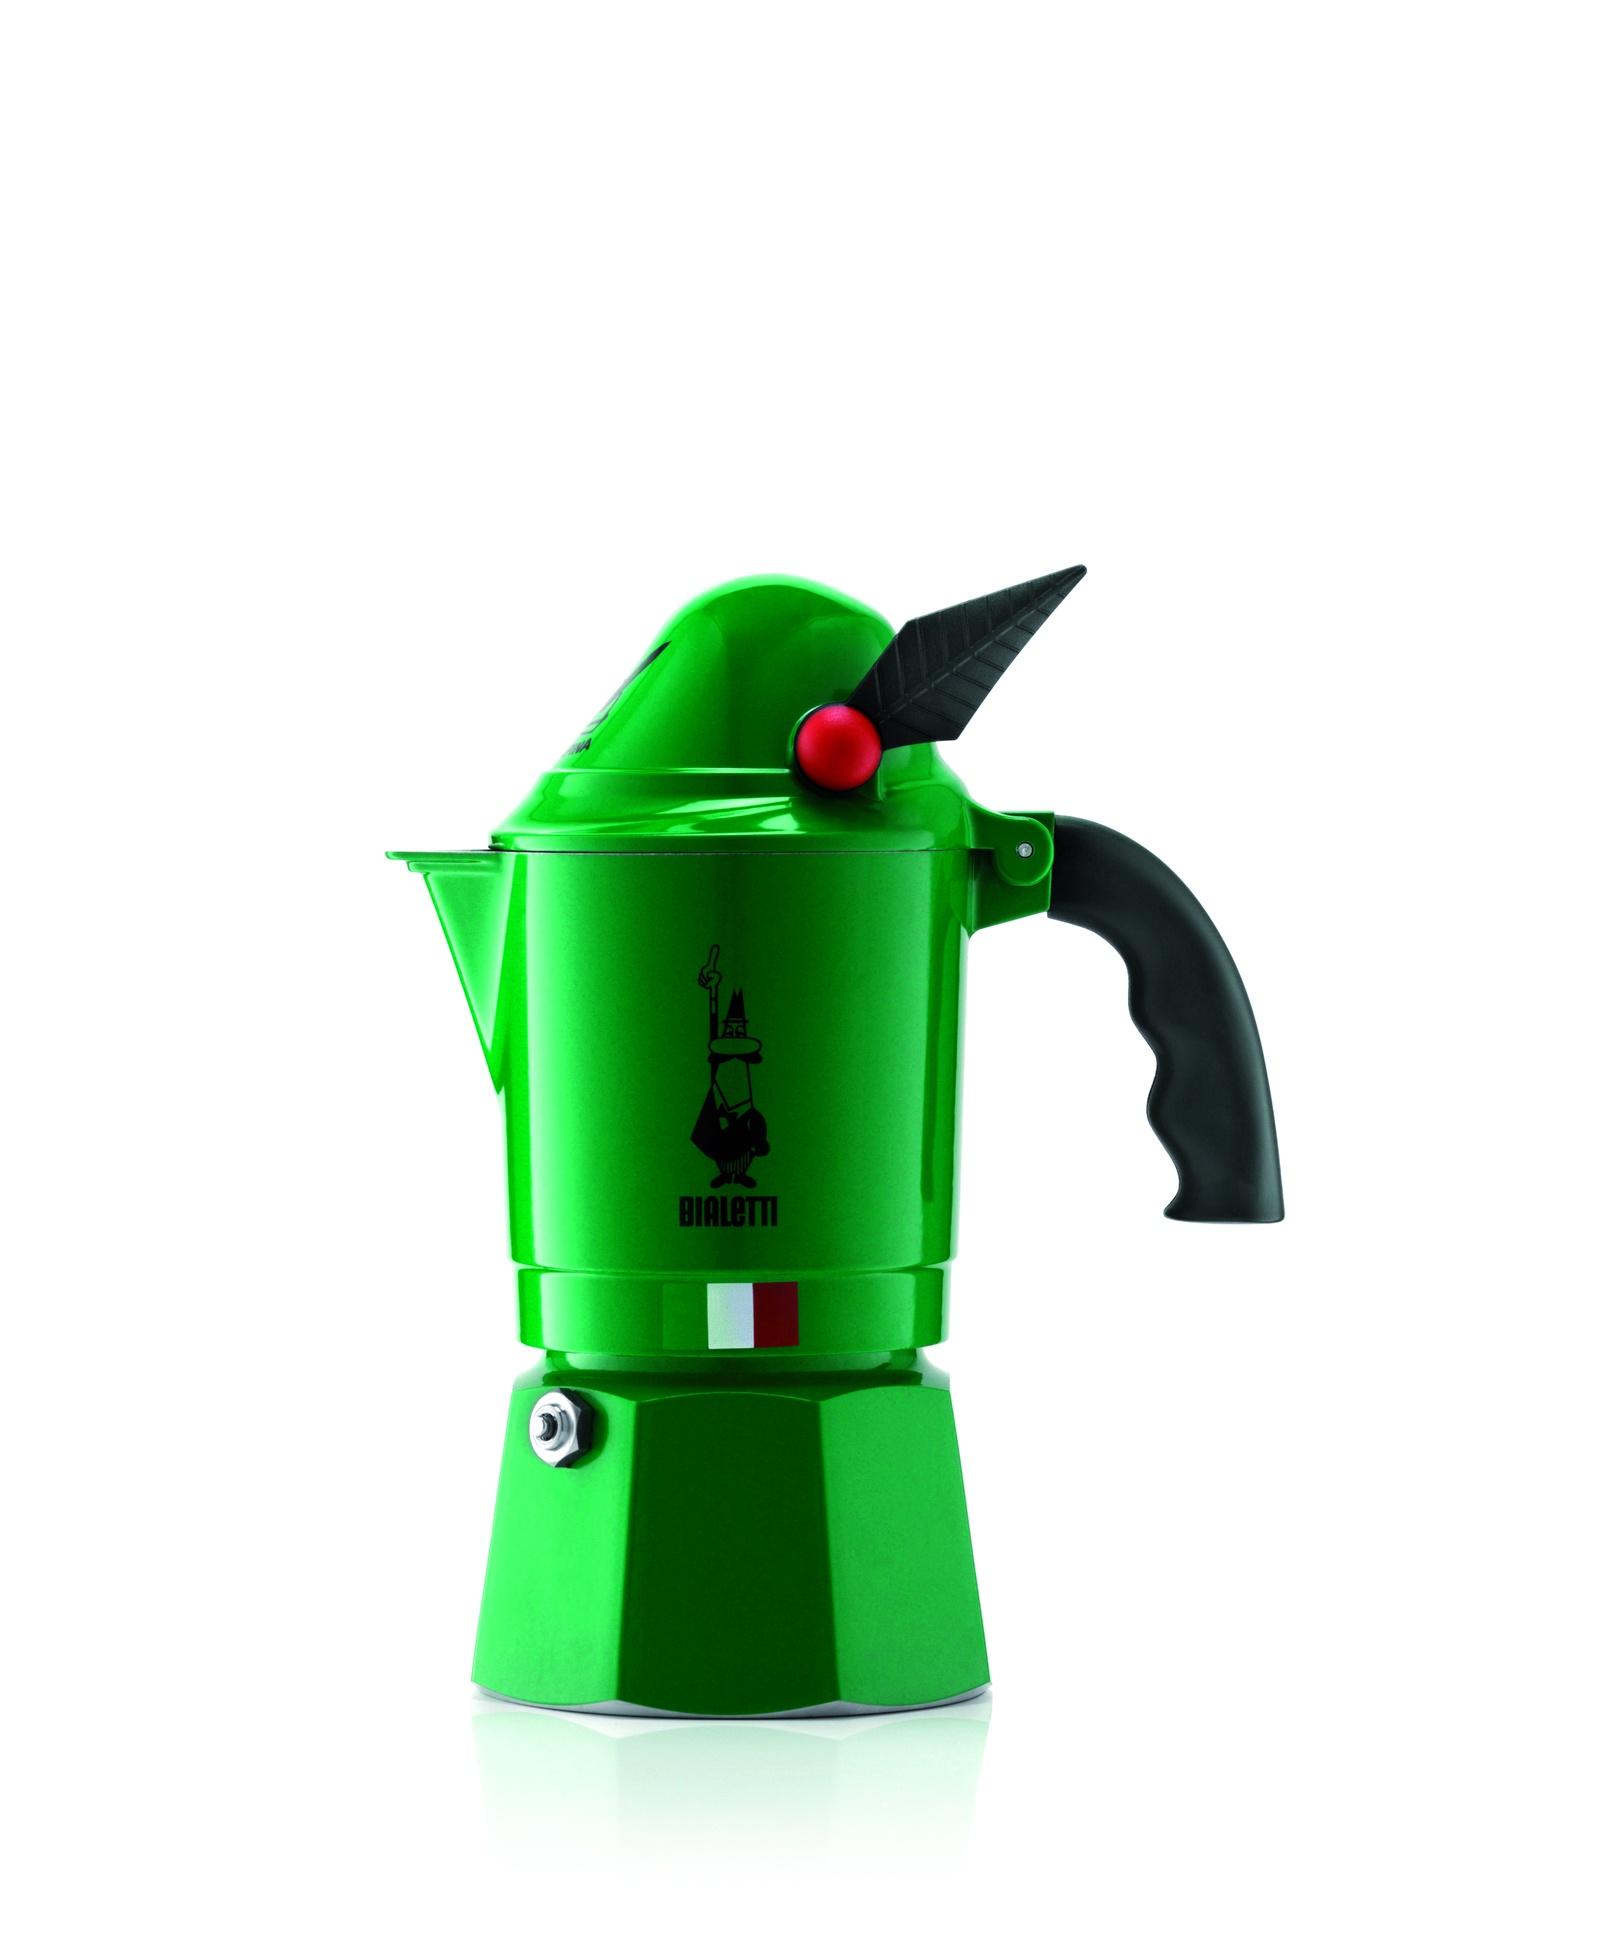 Гейзерная кофеварка Bialetti Alpina, зеленый кофеварка гейзерная bialetti moka induzione 3 порции сталь 4922